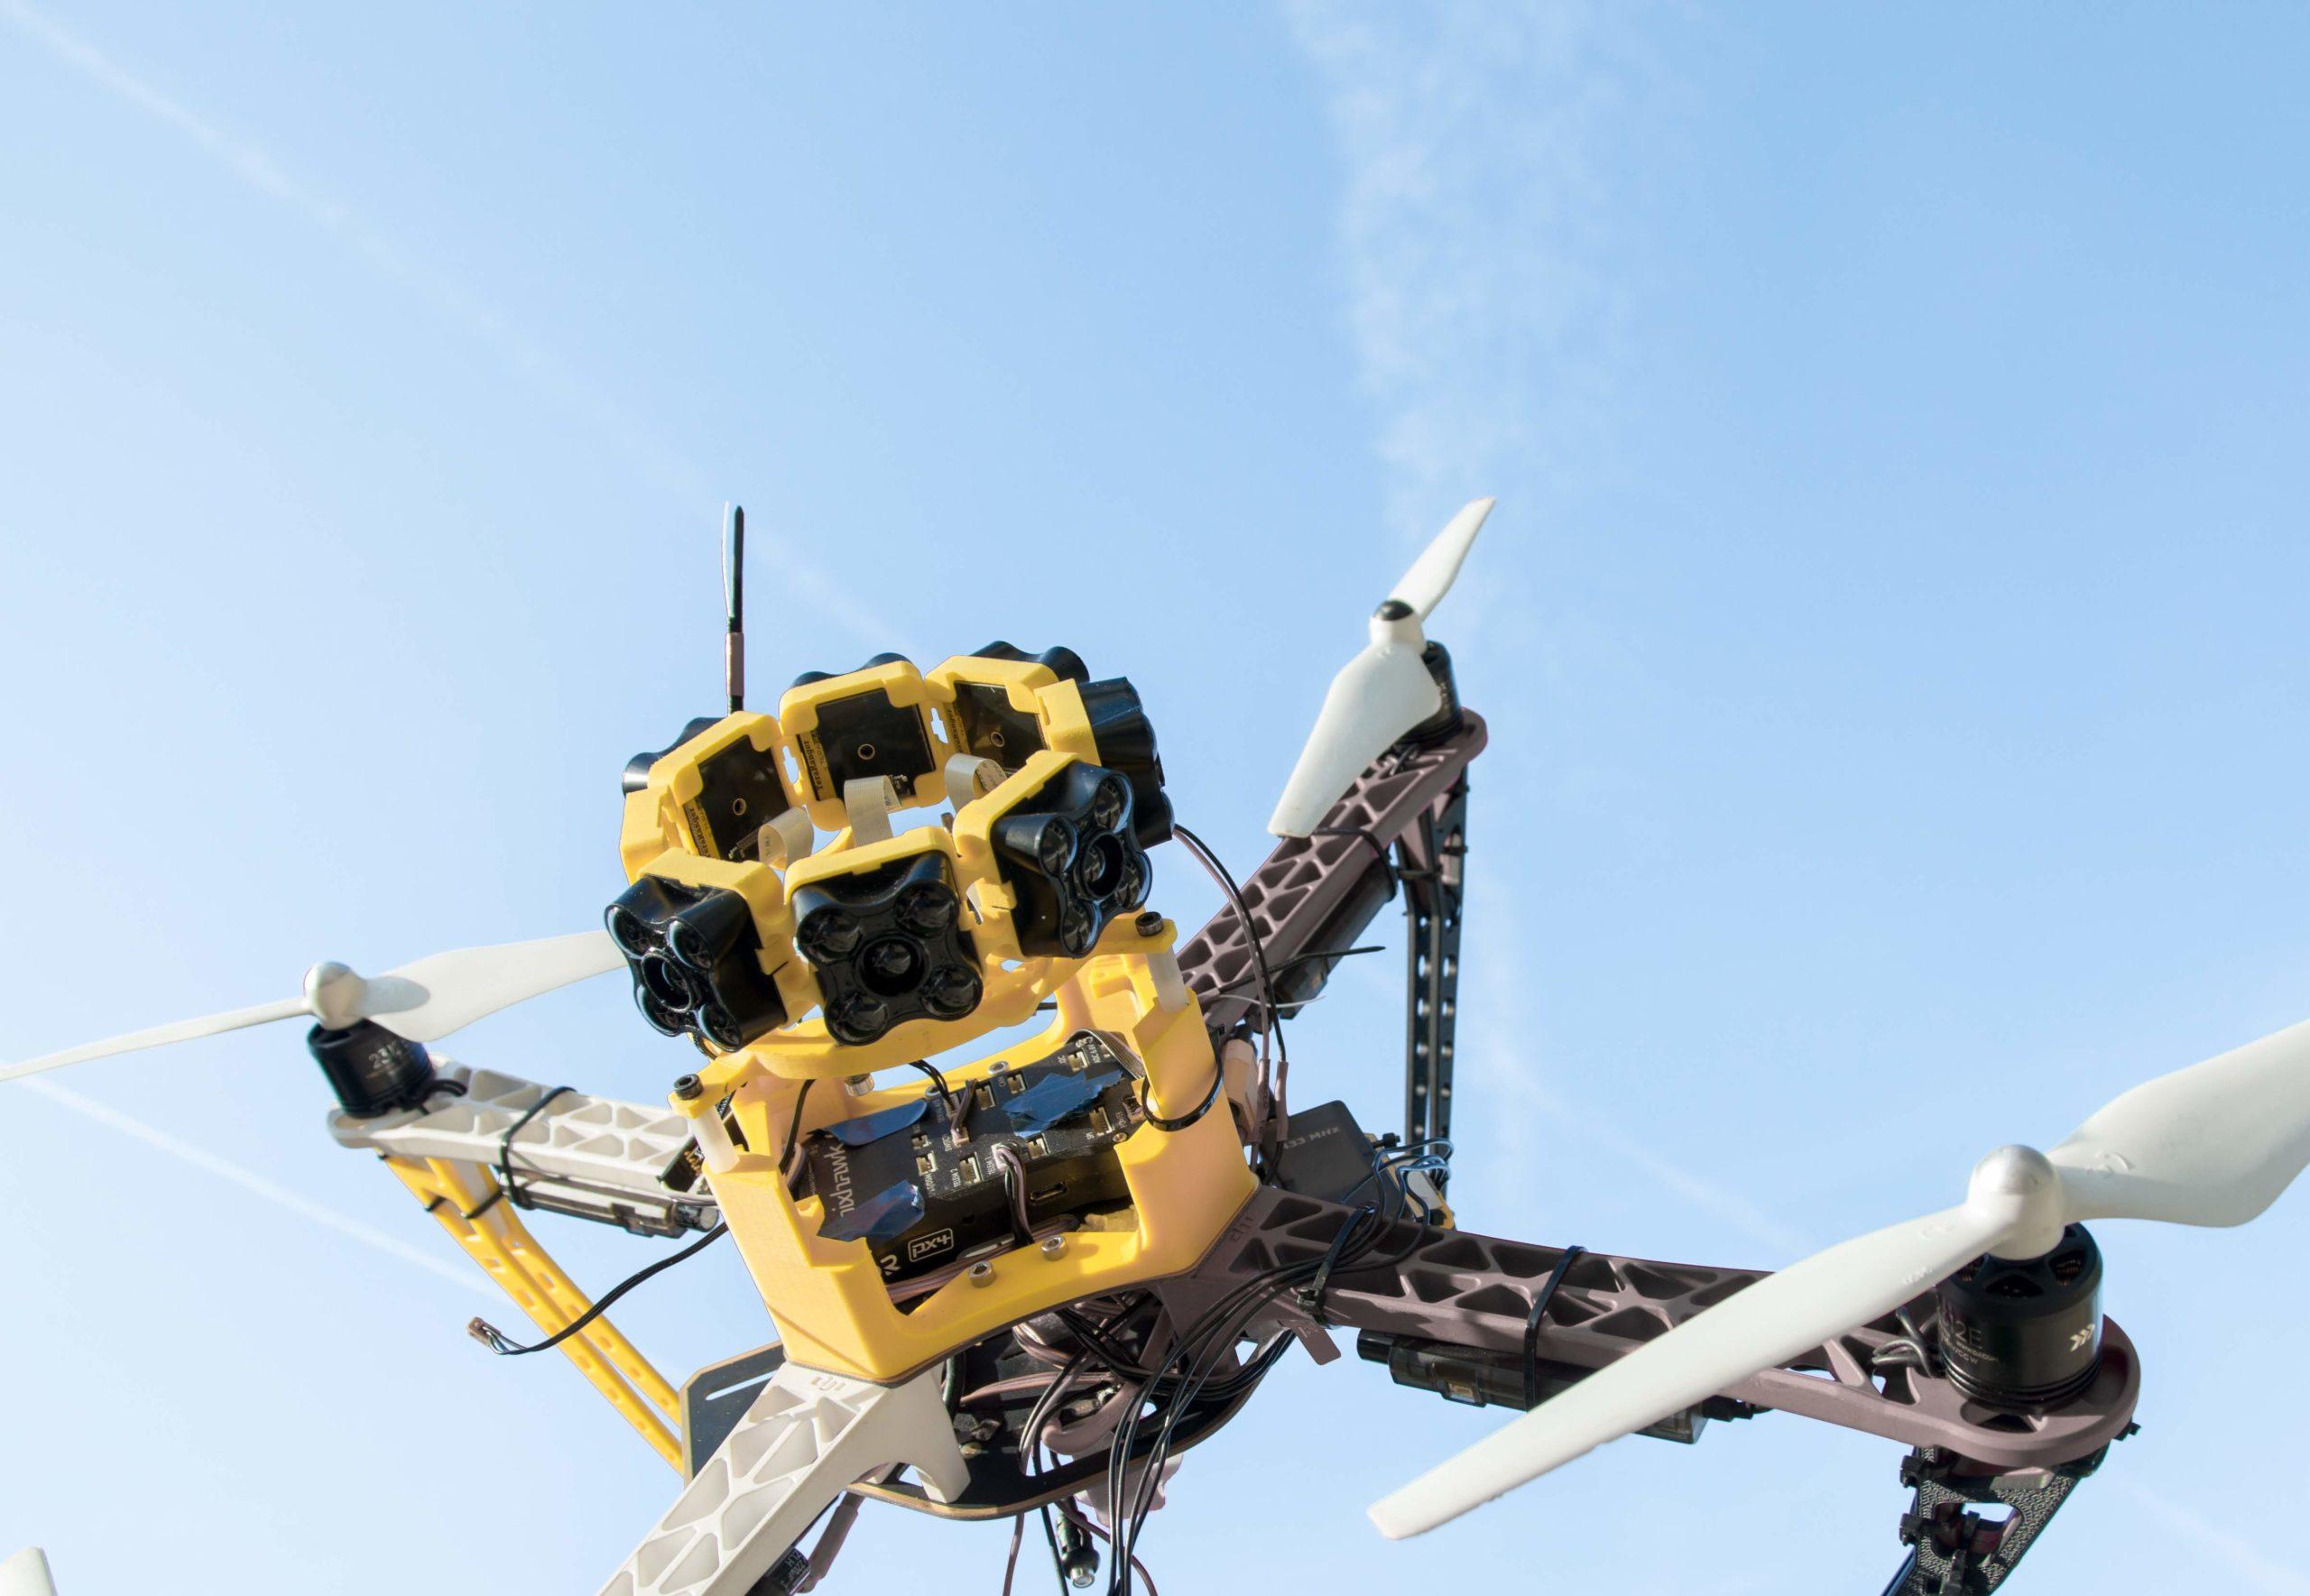 TeraRanger on a drone